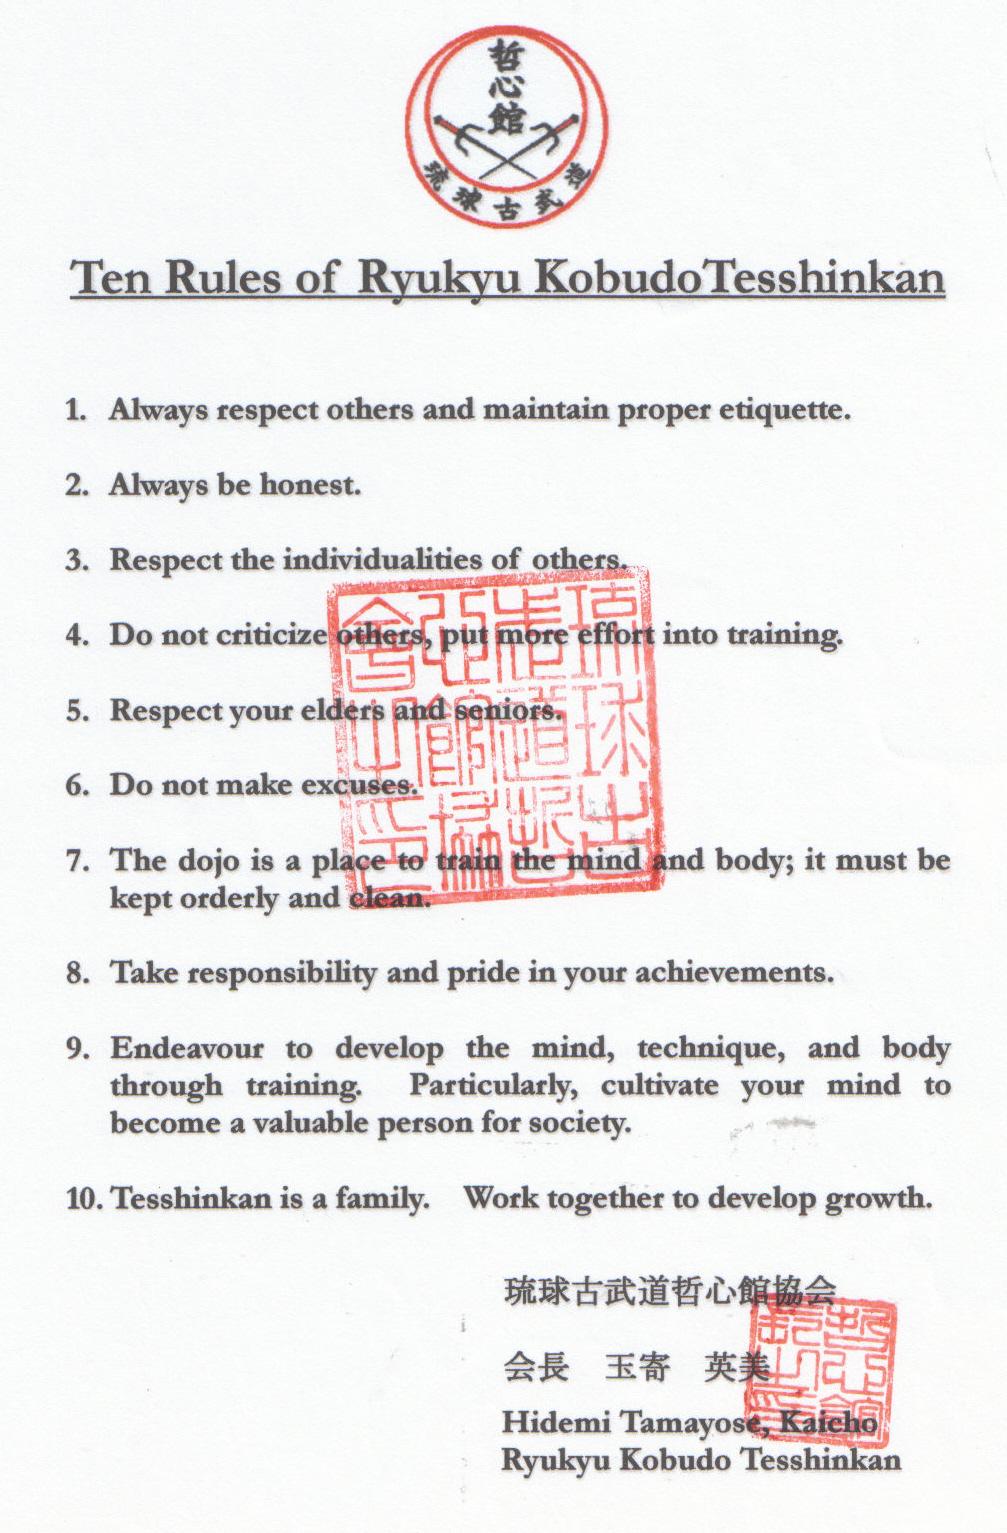 10 Rules of Tesshinkan